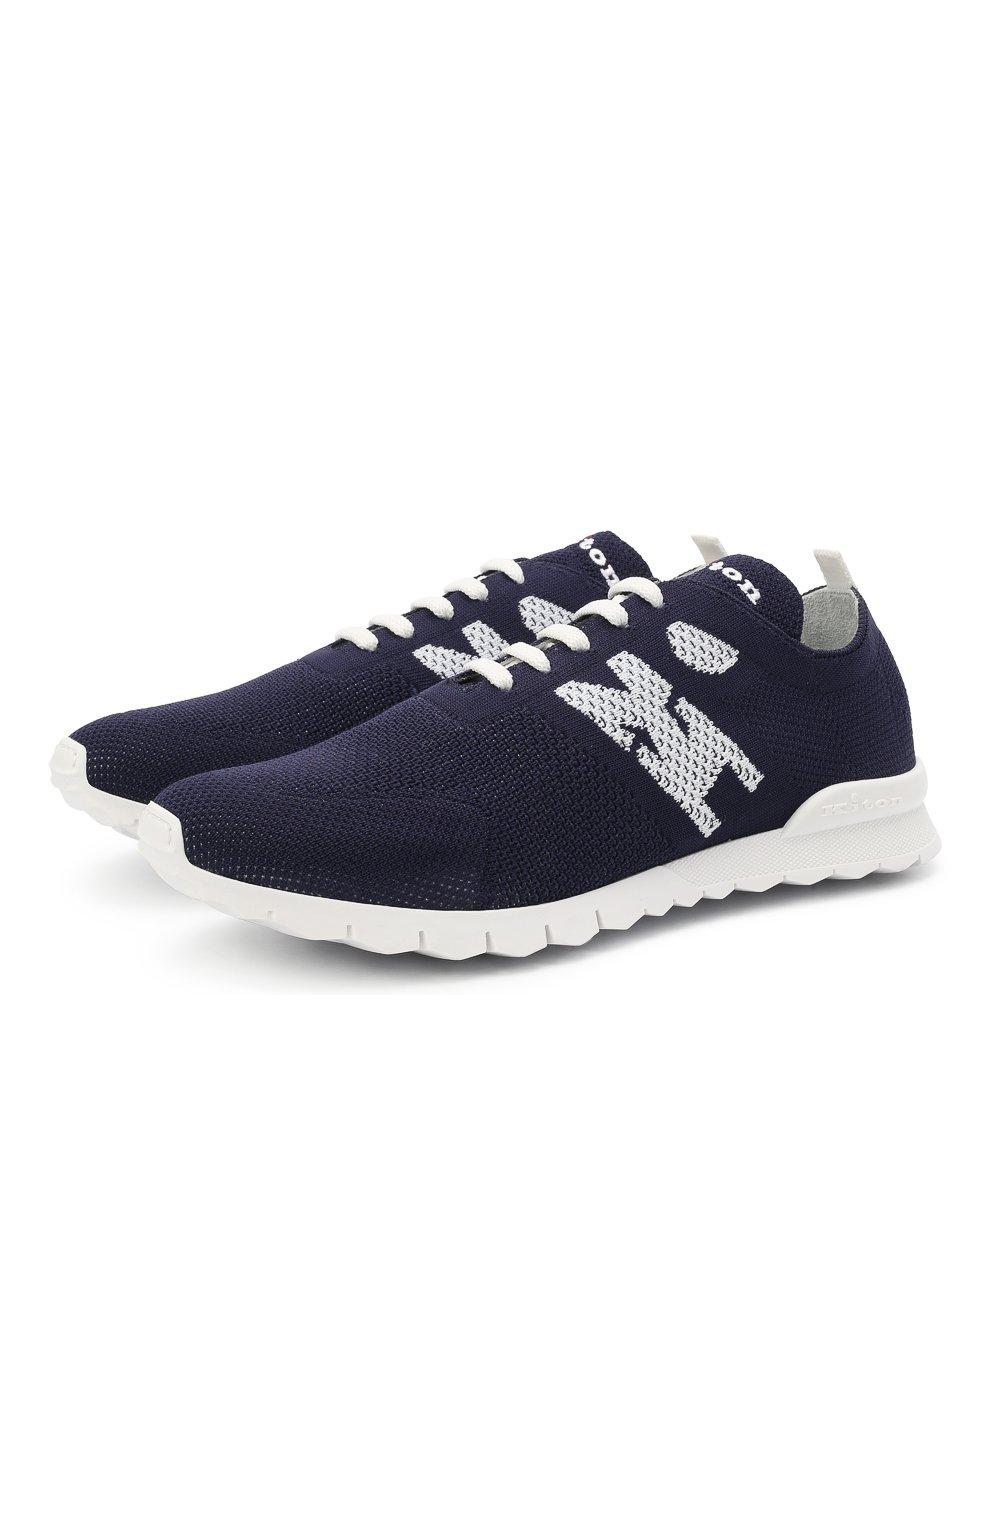 Мужские текстильные кроссовки KITON темно-синего цвета, арт. USSKD0TN00819 | Фото 1 (Материал внешний: Текстиль; Материал внутренний: Натуральная кожа; Подошва: Массивная; Стили: Спорт)